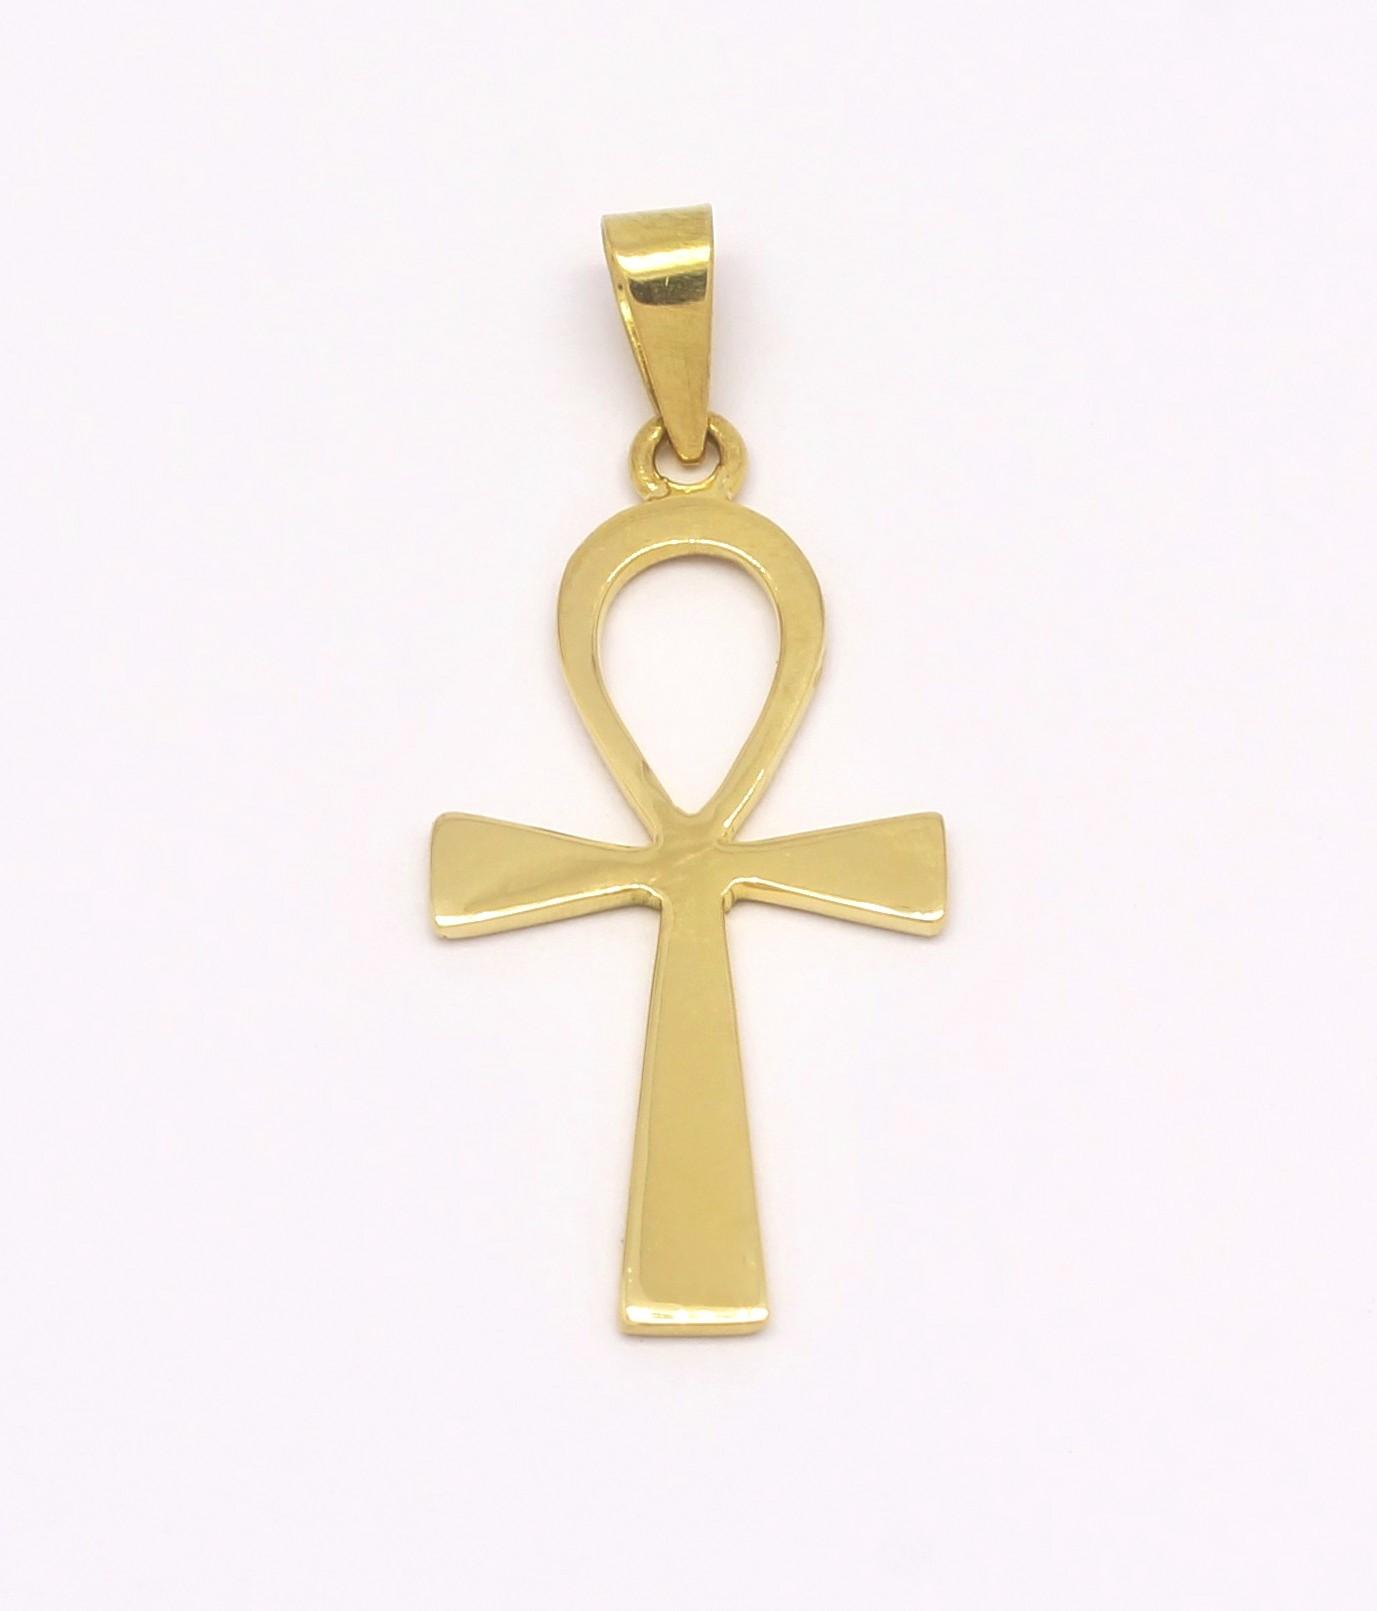 Moda feminina ouro casamento noivado brinco anel para - Multiplace b72c27d7e2